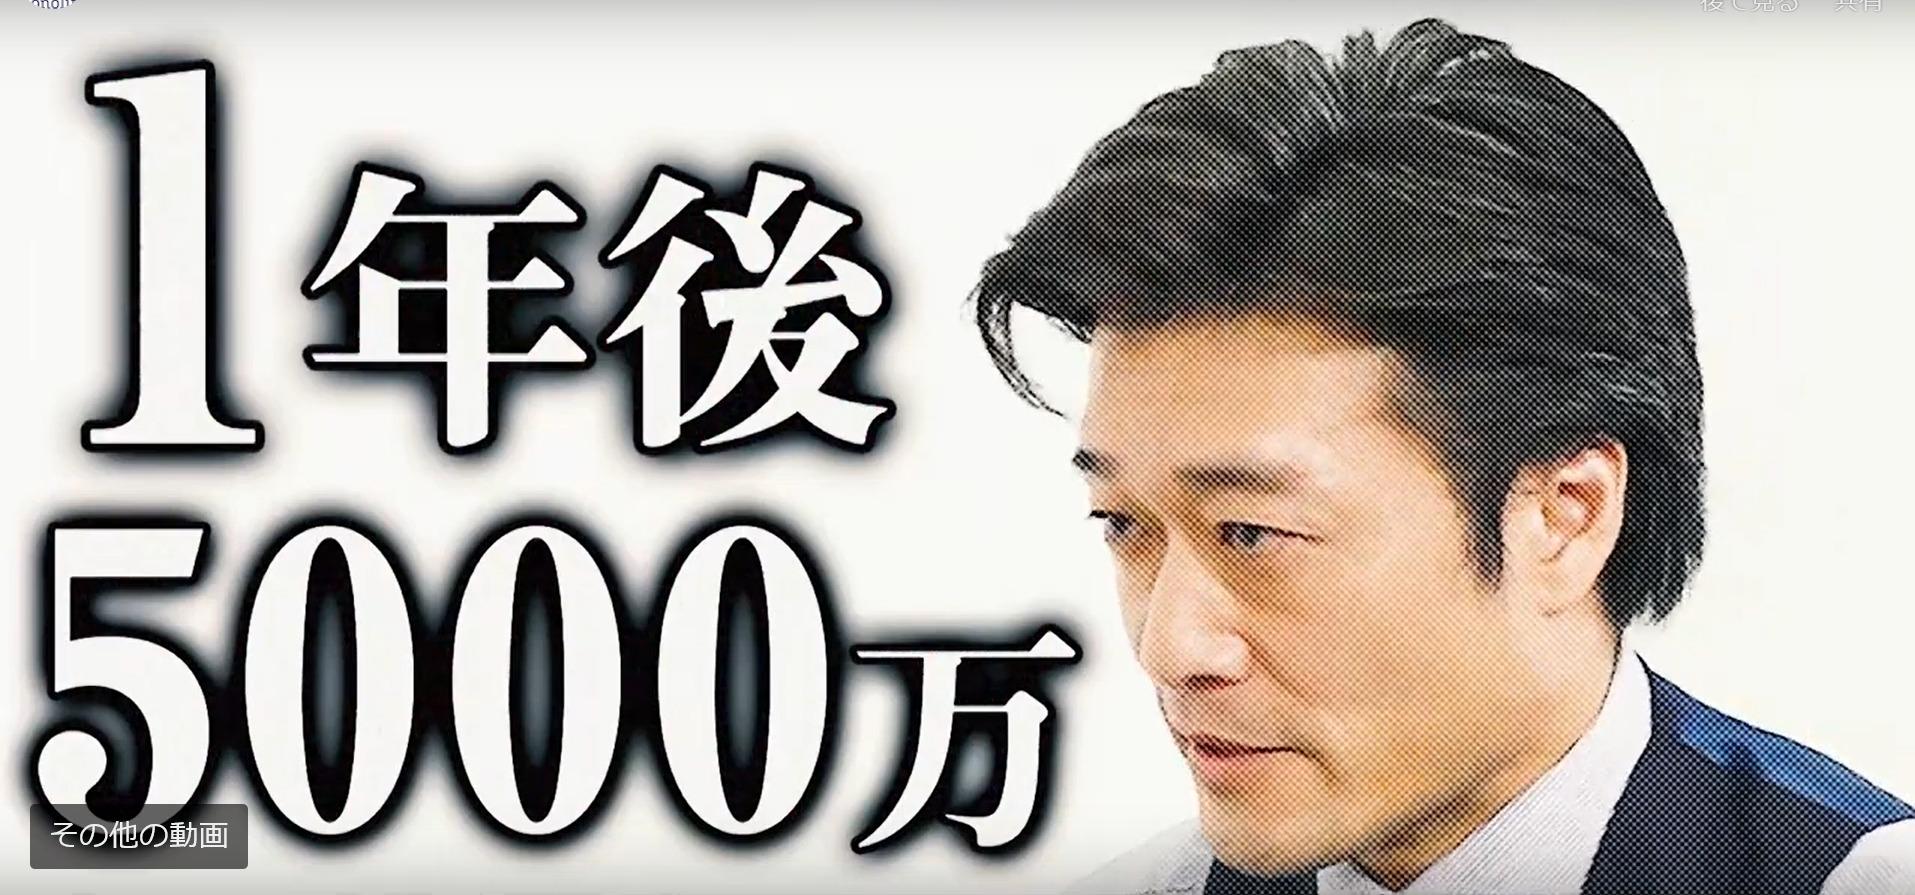 坂田弘樹のMonolith(モノリス)が5,000万円をもたらすとは?本当に稼げるの!?